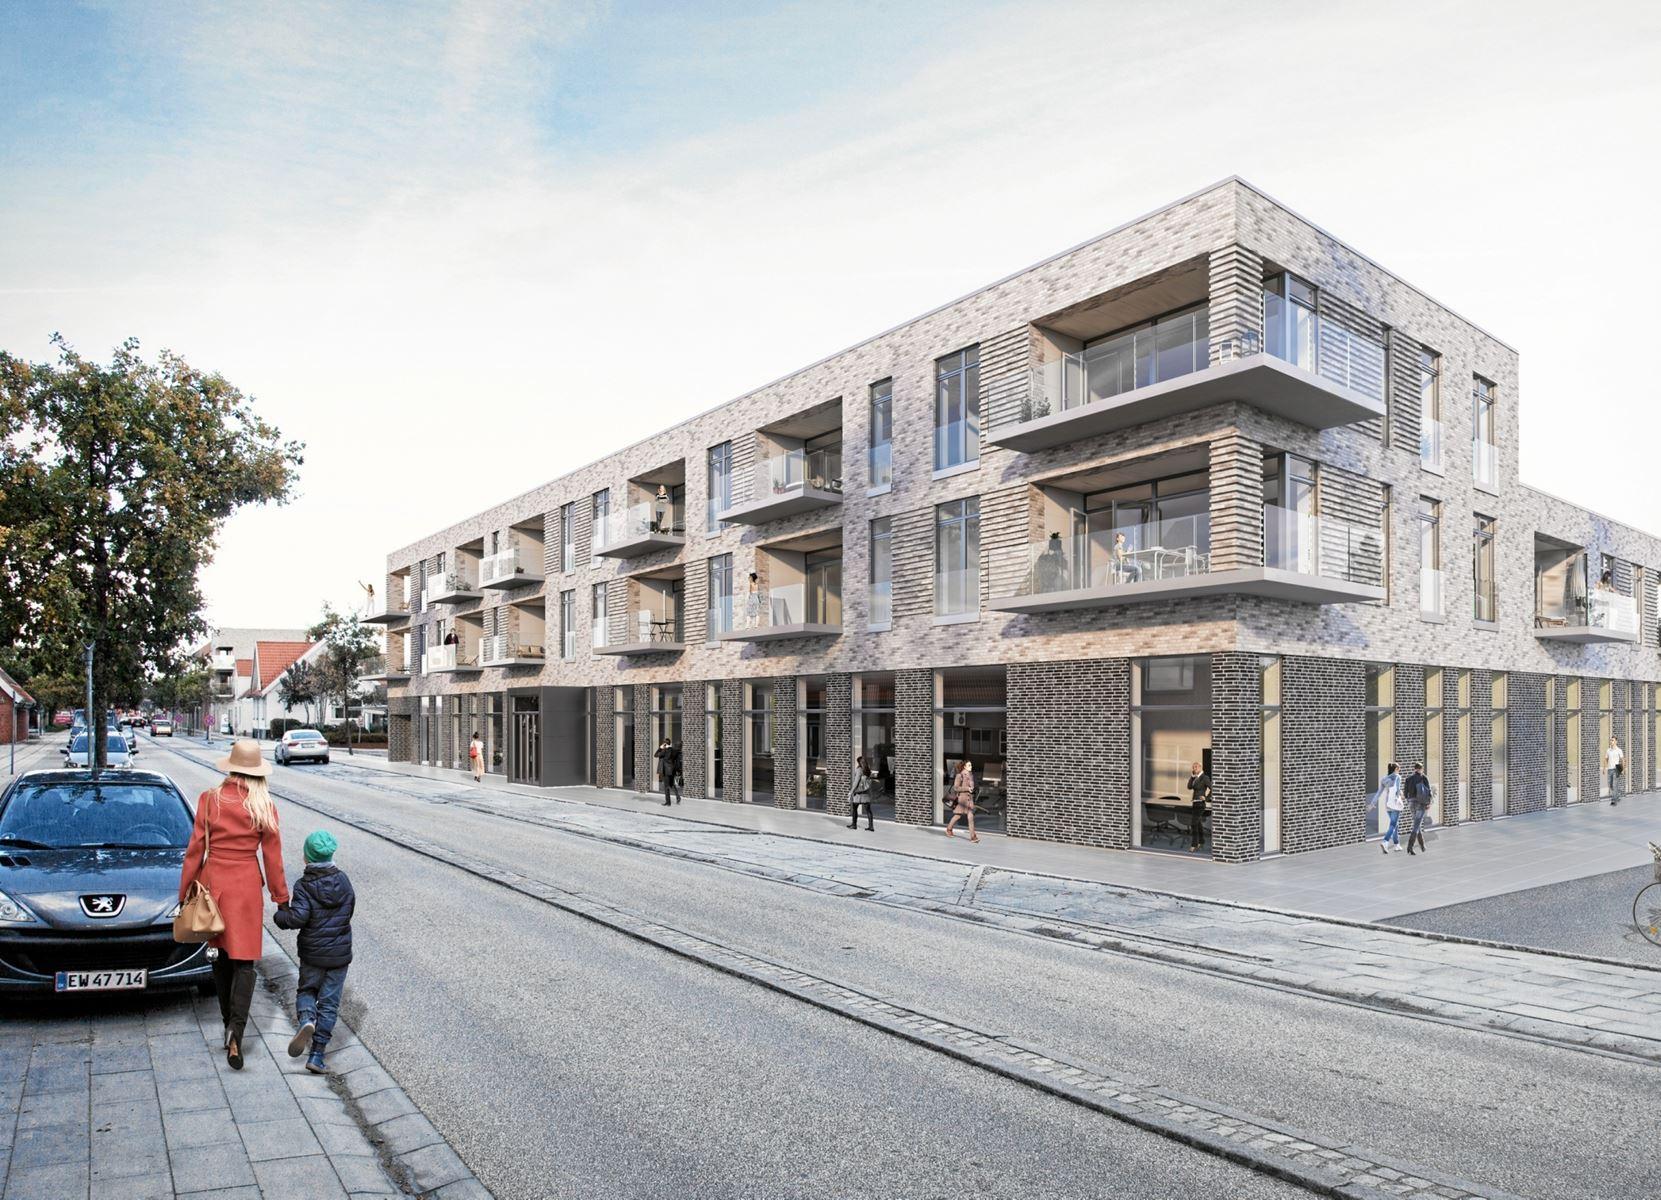 Prisen for hele ejendommen i centrum af Støvring med 14 lejeboliger og et stort erhvervslejemål i stueetagen er godt 55 mio.